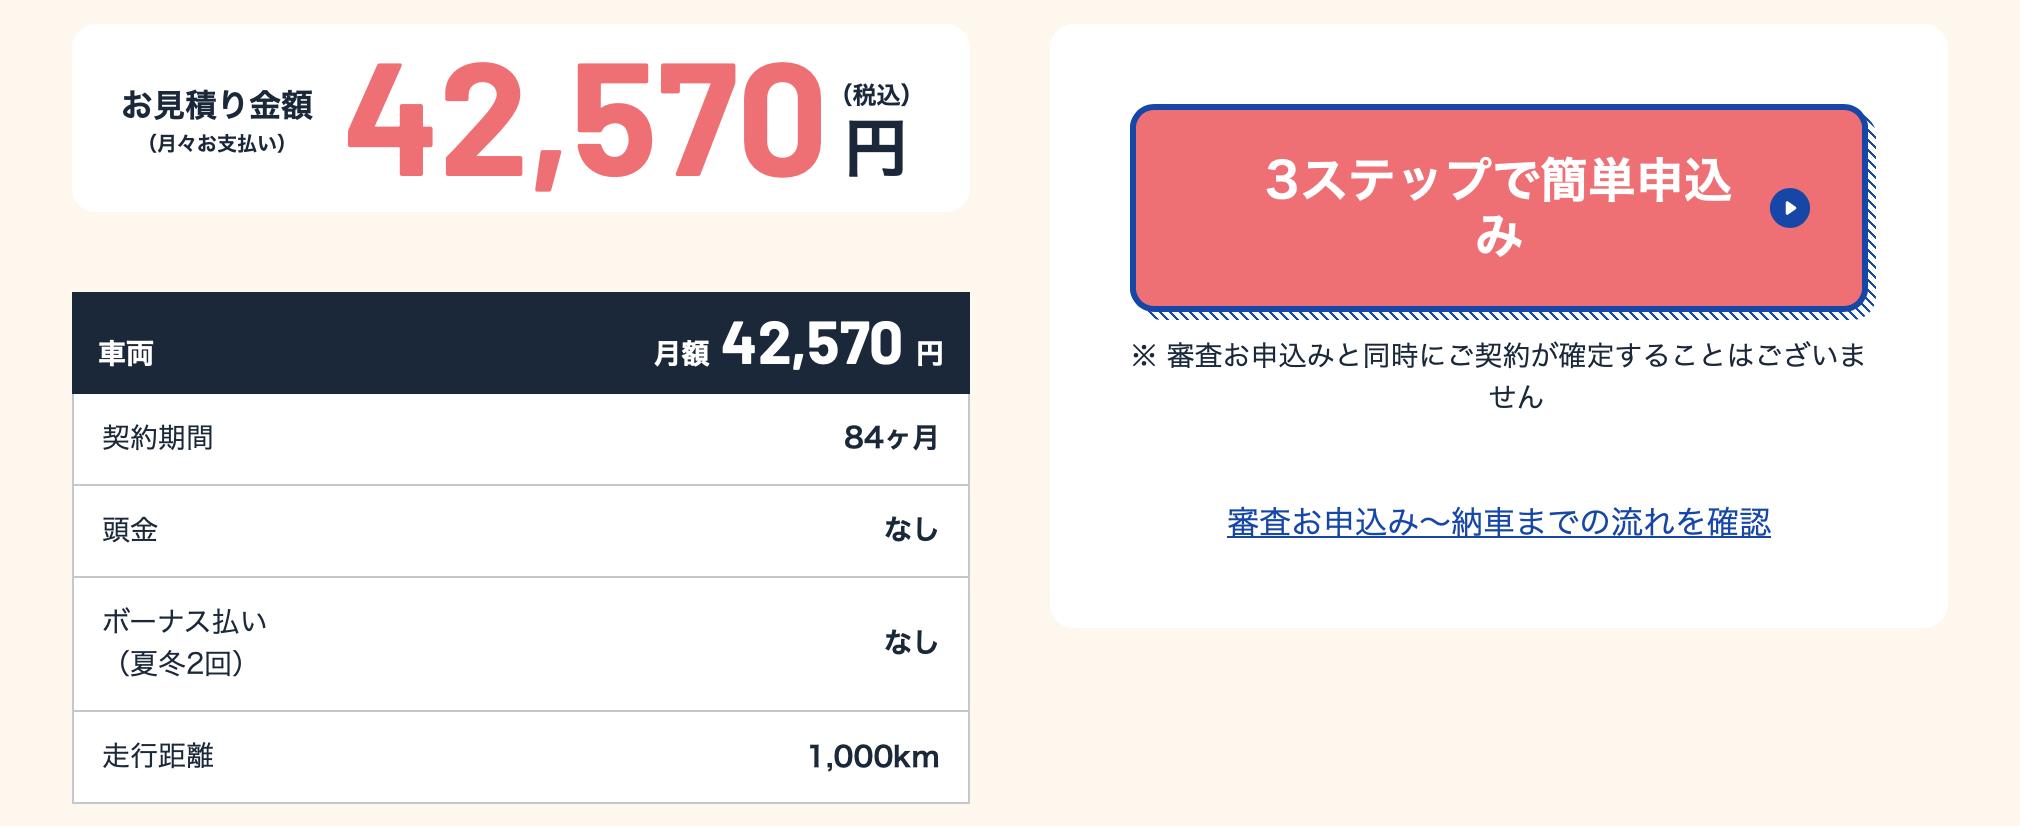 1位 コスモMyカーリース:4万2,570円